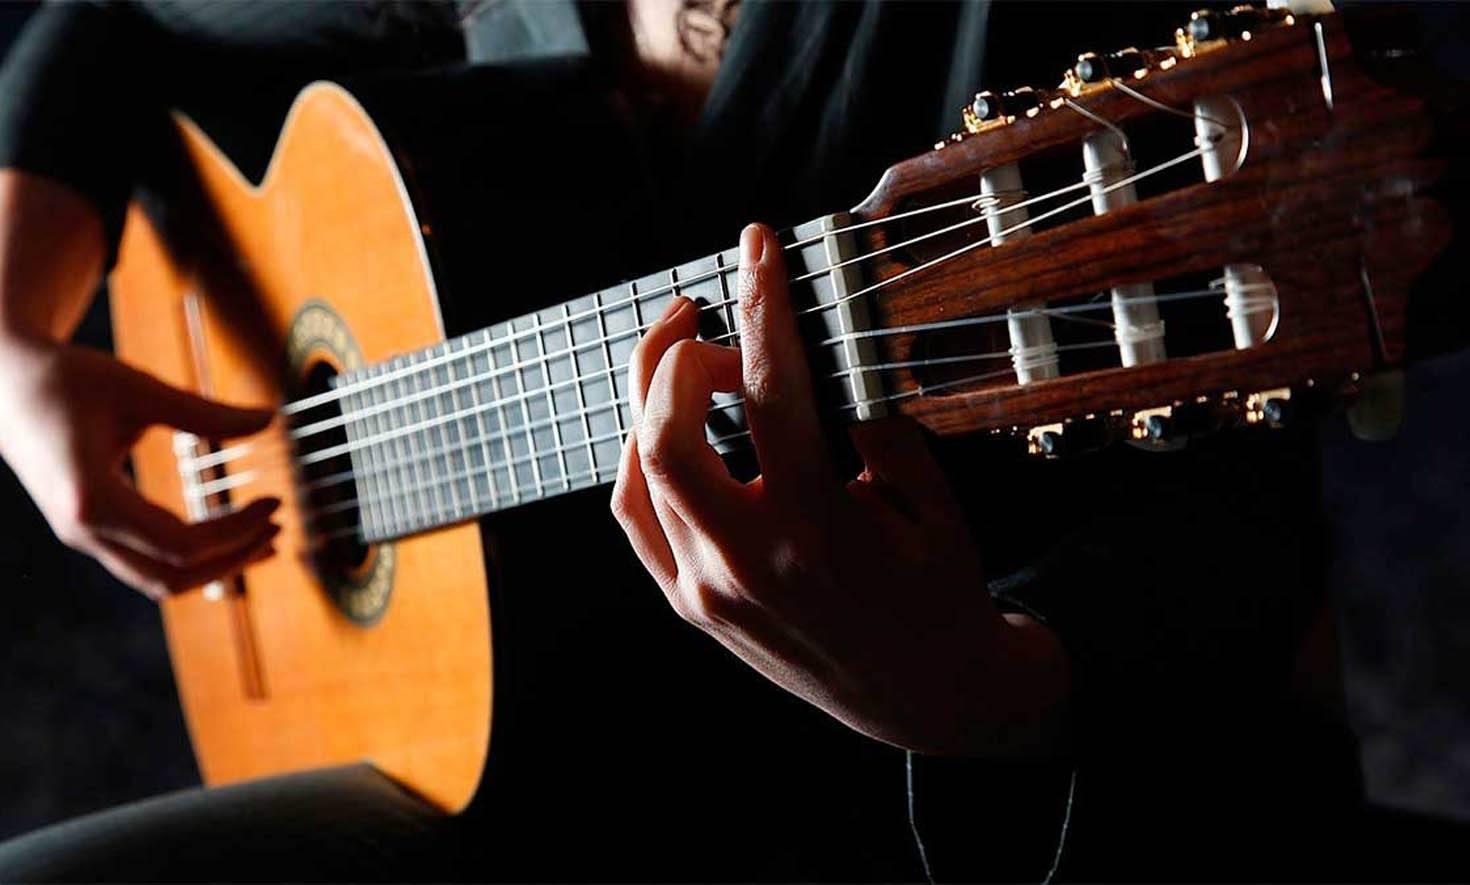 Guitarras Españolas Baratas portada